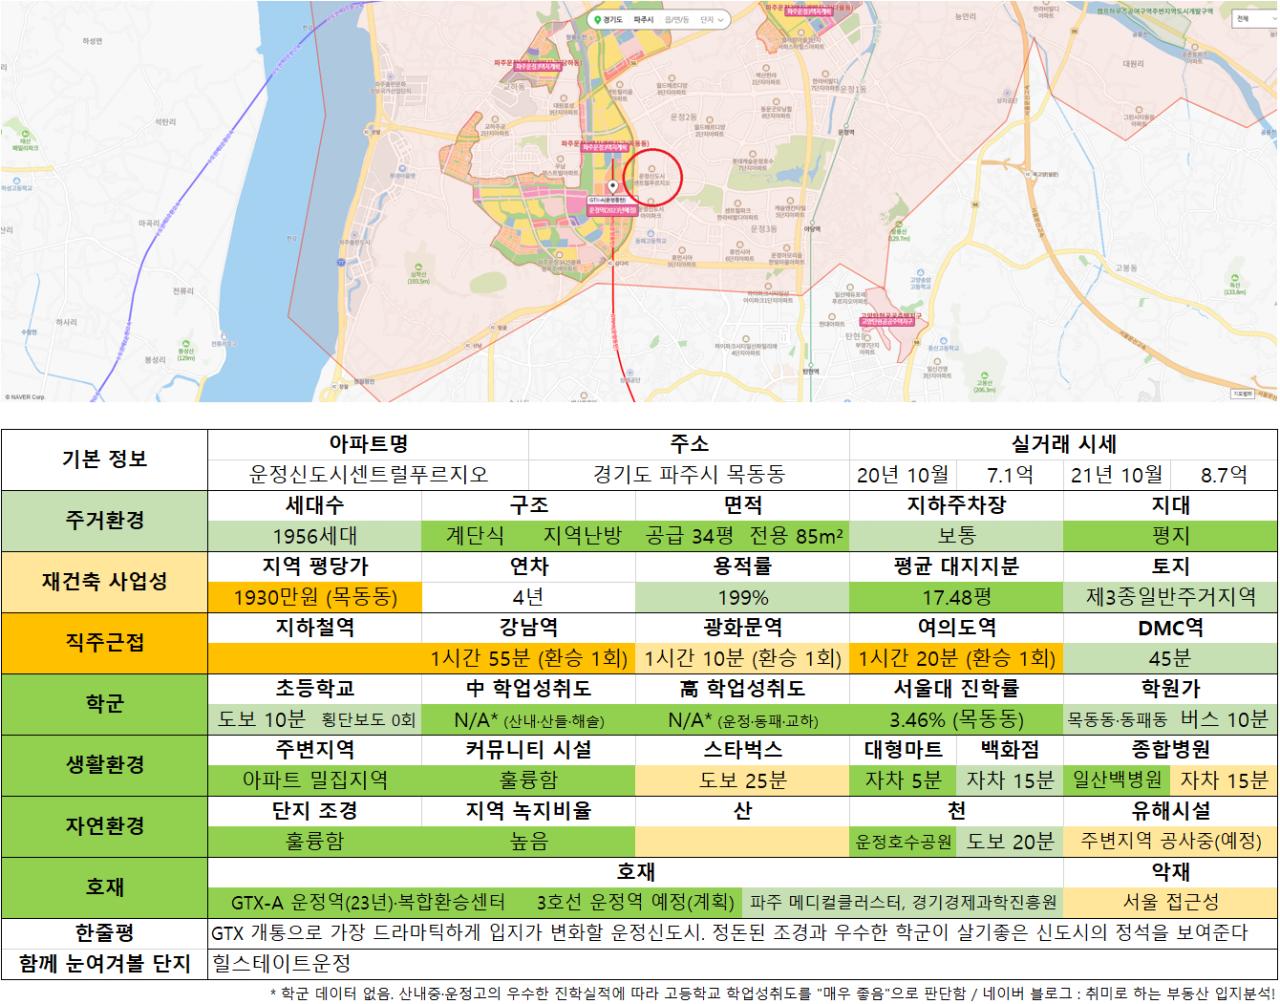 10_운정신도시센트럴푸르지오.png 수도권 9억 이하 아파트 추천 (ver. 21년 10월)